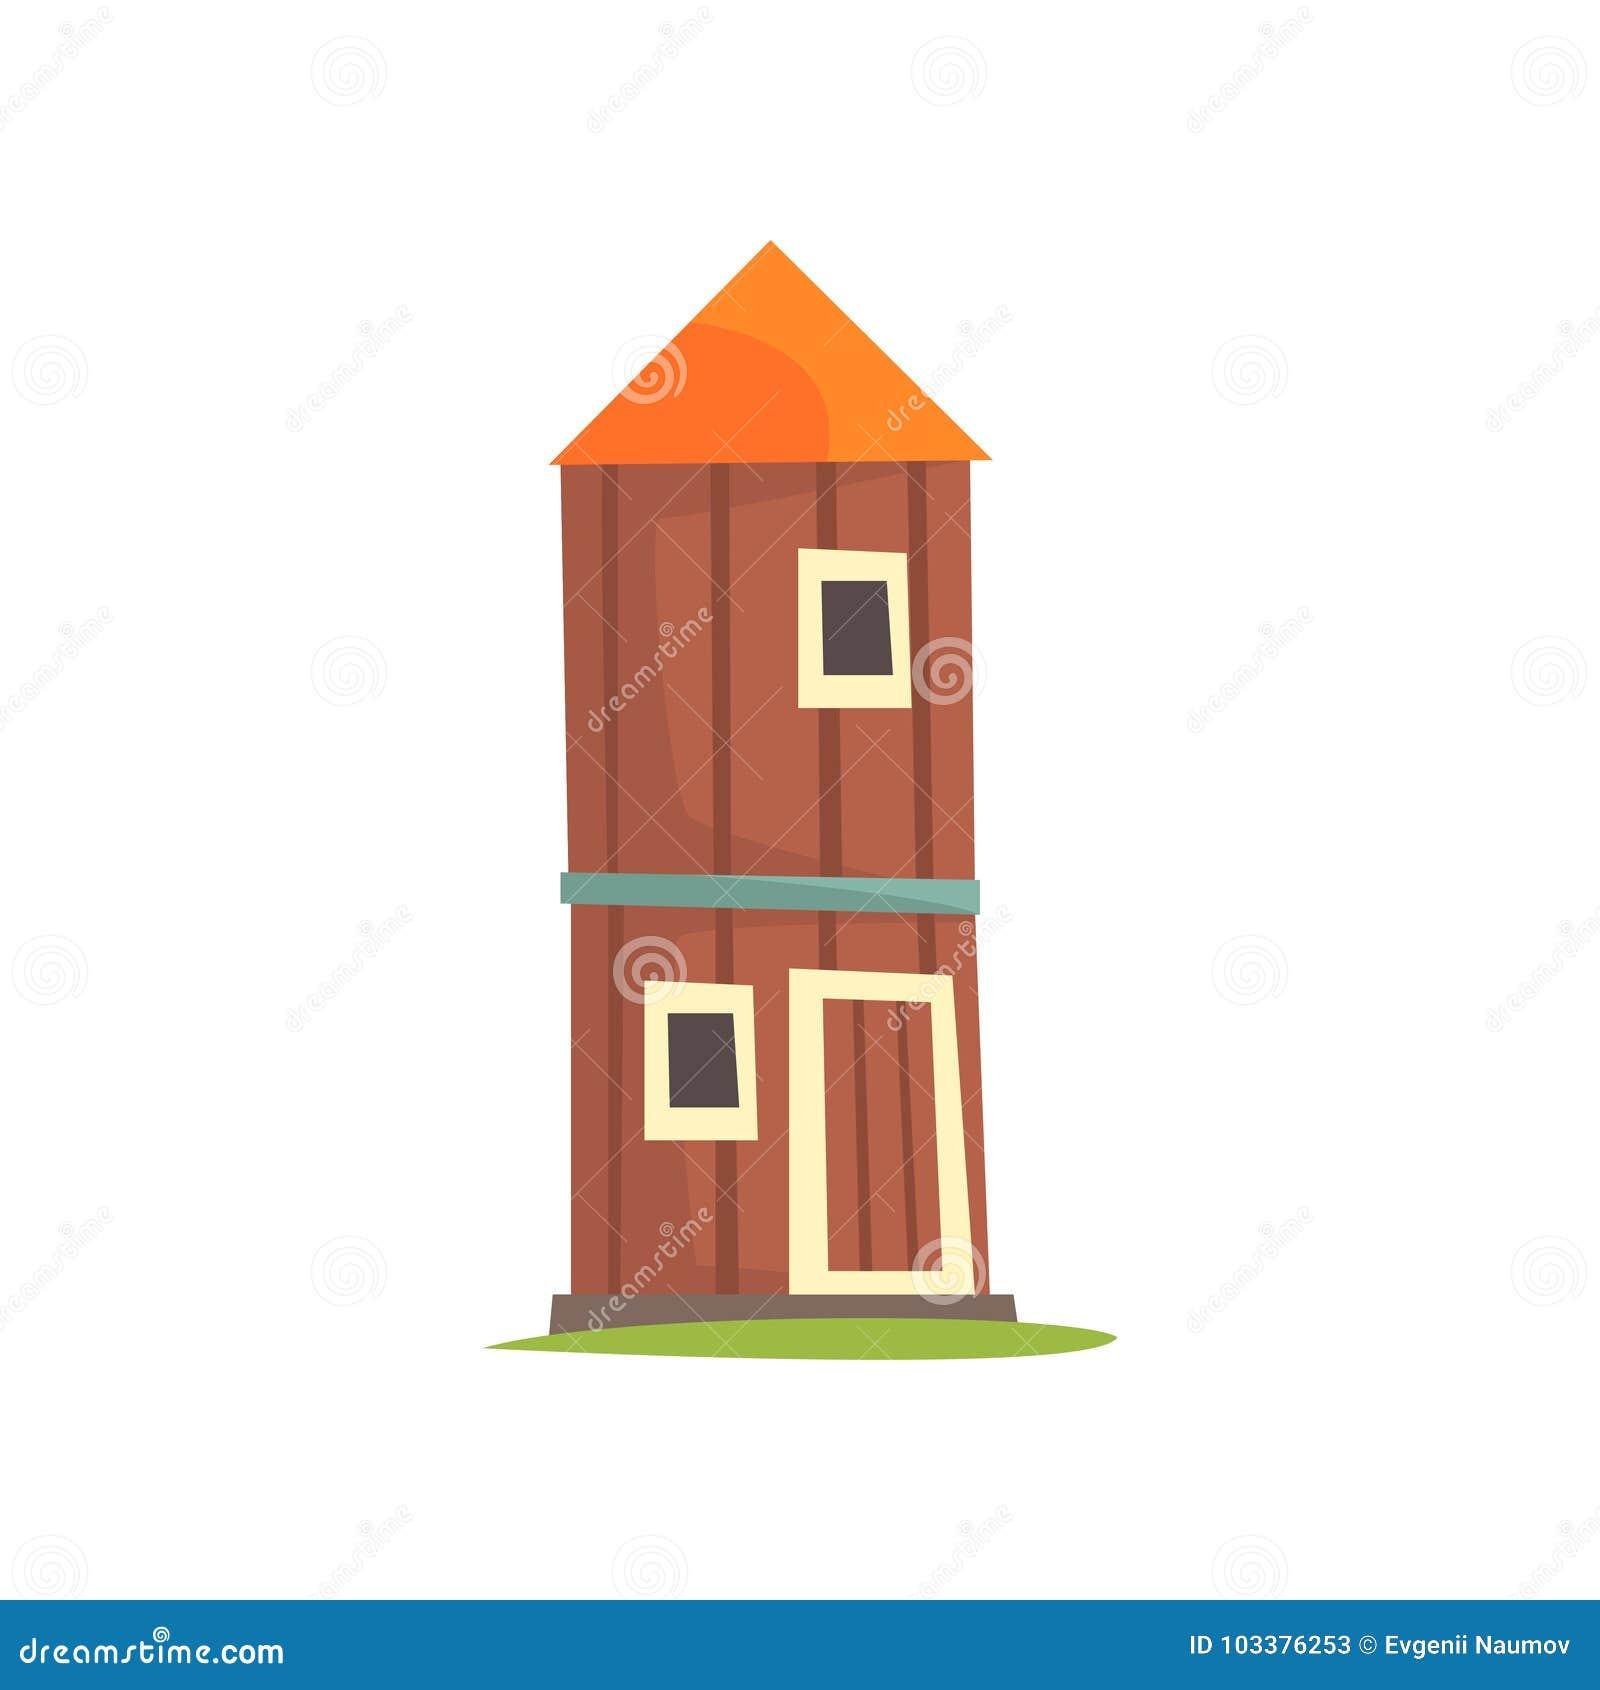 Красная аграрная башня, силосохранилище, деревянная иллюстрация вектора шаржа сельскохозяйственного строительства